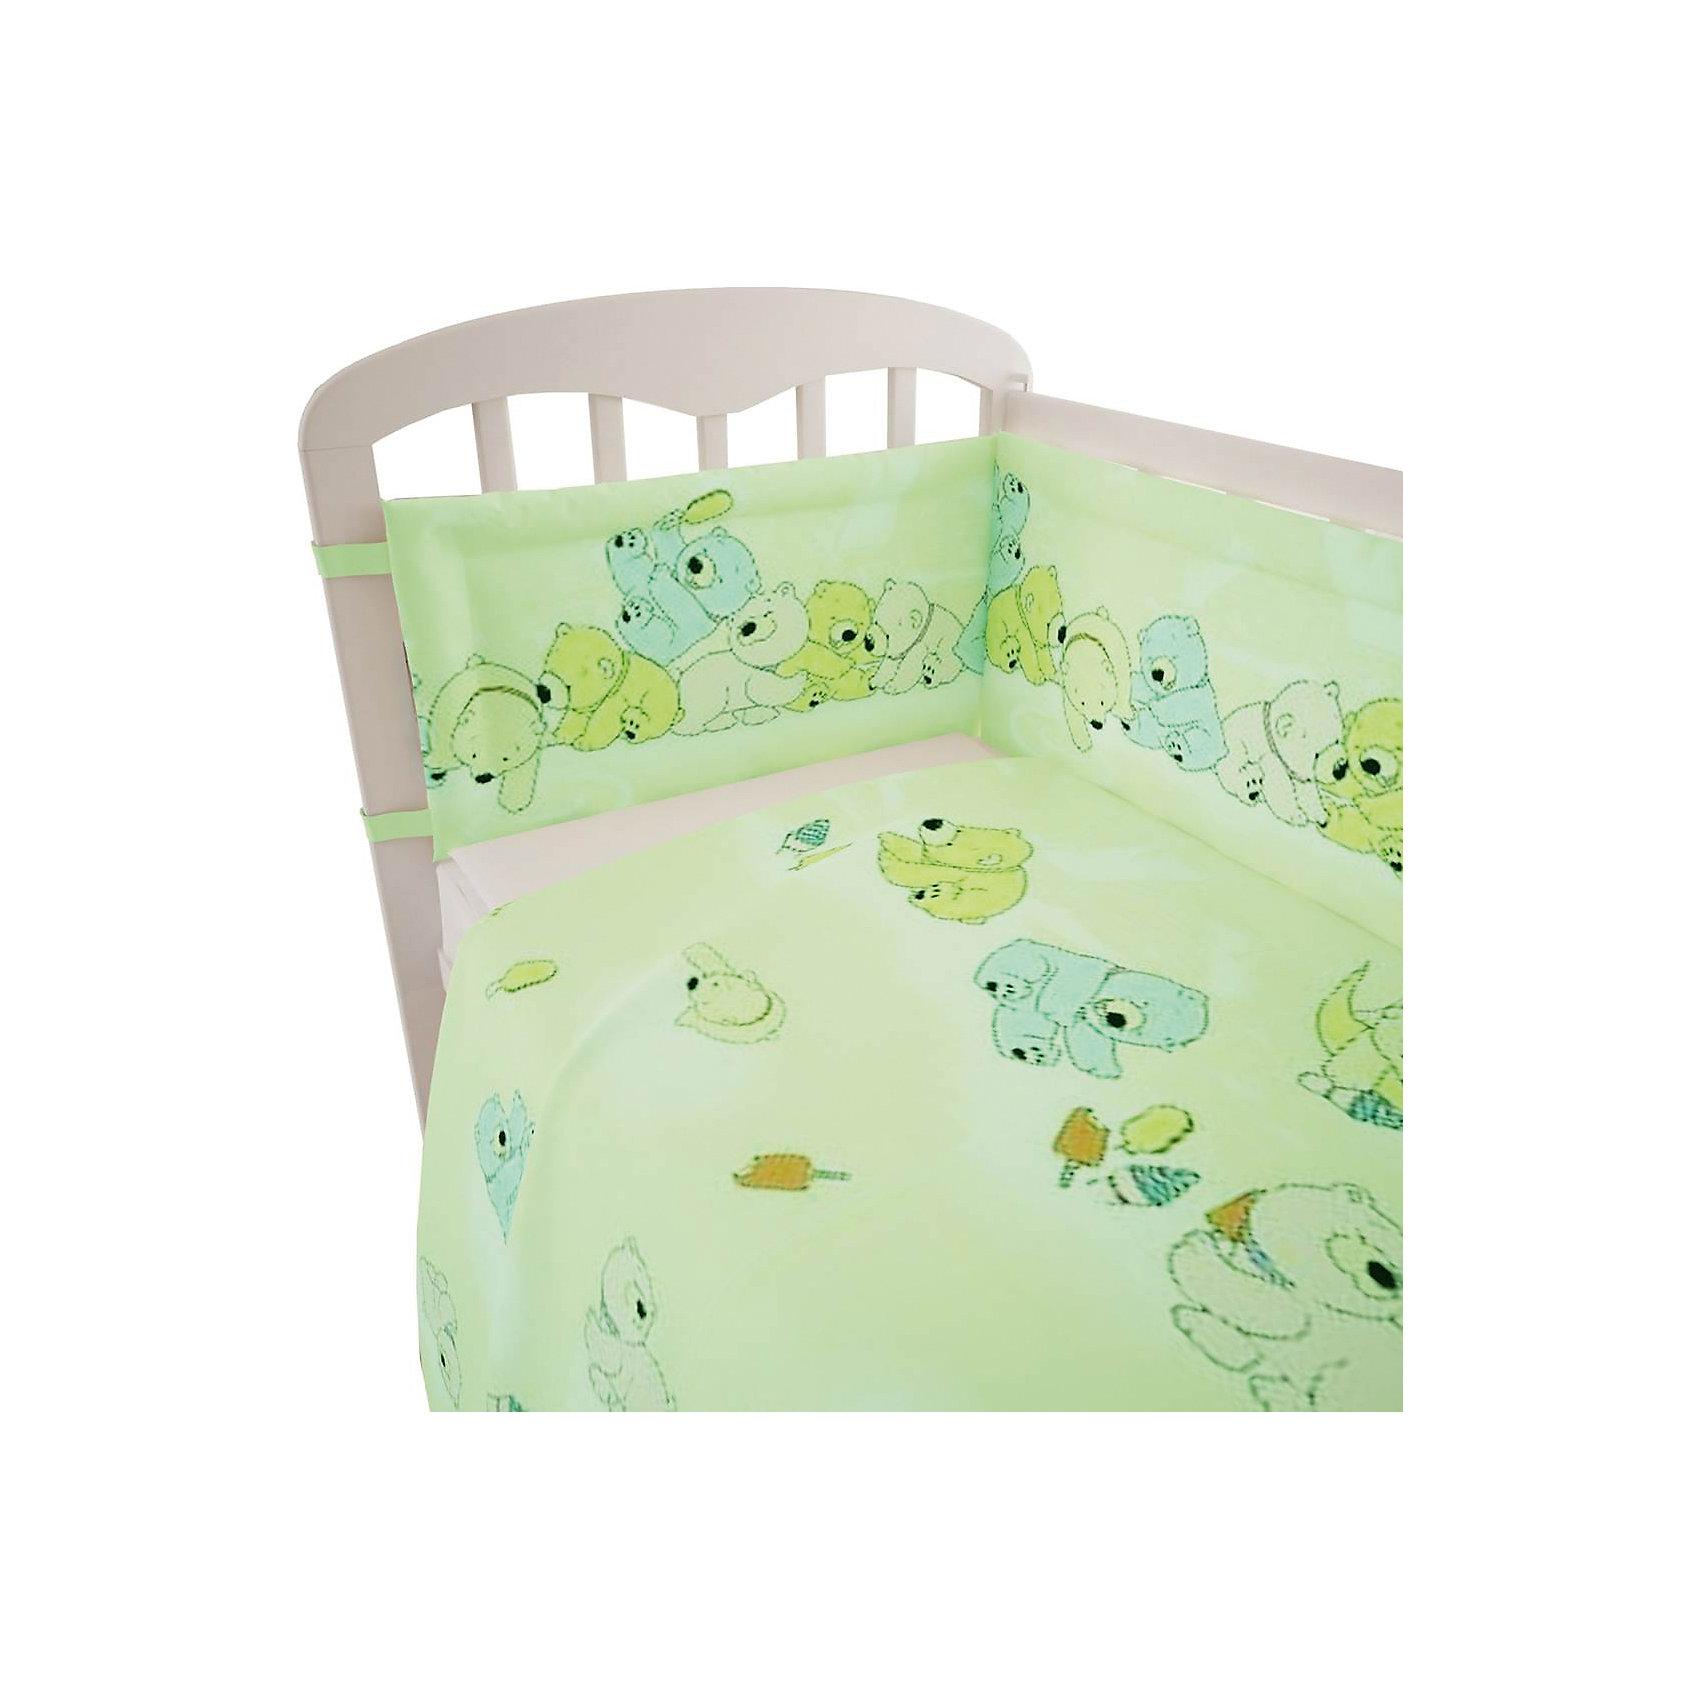 Постельное белье Мишки 3 пред., Фея, зеленыйЛучшее постельное белье для детей делается из натуральных материалов. Этот комплект, состоящий  из наволочки, простыни и пододеяльника, сшит из хлопка, гипоаллергенного, приятного на ощупь и позволяющего коже дышать.<br>Все предметы из набора - стандартных размеров, отлично подойдут к обычной подушке, матрасу и одеялу. Комплект украшен принтом с яркими мишками - на нем малышу будет приятно засыпать! Симпатичная расцветка комплекта отлично подойдет к интерьеру детской.<br><br>Дополнительная информация:<br><br>цвет: зеленый, принт;<br>материал: 100% хлопок;<br>наволочка: 40х60 см,<br>простыня: 160х100 см,<br>пододеяльник: 110х140 см.<br><br>Постельное белье Мишки 3 пред., торговой марки Фея можно купить в нашем магазине.<br><br>Ширина мм: 570<br>Глубина мм: 410<br>Высота мм: 570<br>Вес г: 510<br>Возраст от месяцев: 0<br>Возраст до месяцев: 36<br>Пол: Унисекс<br>Возраст: Детский<br>SKU: 4873630